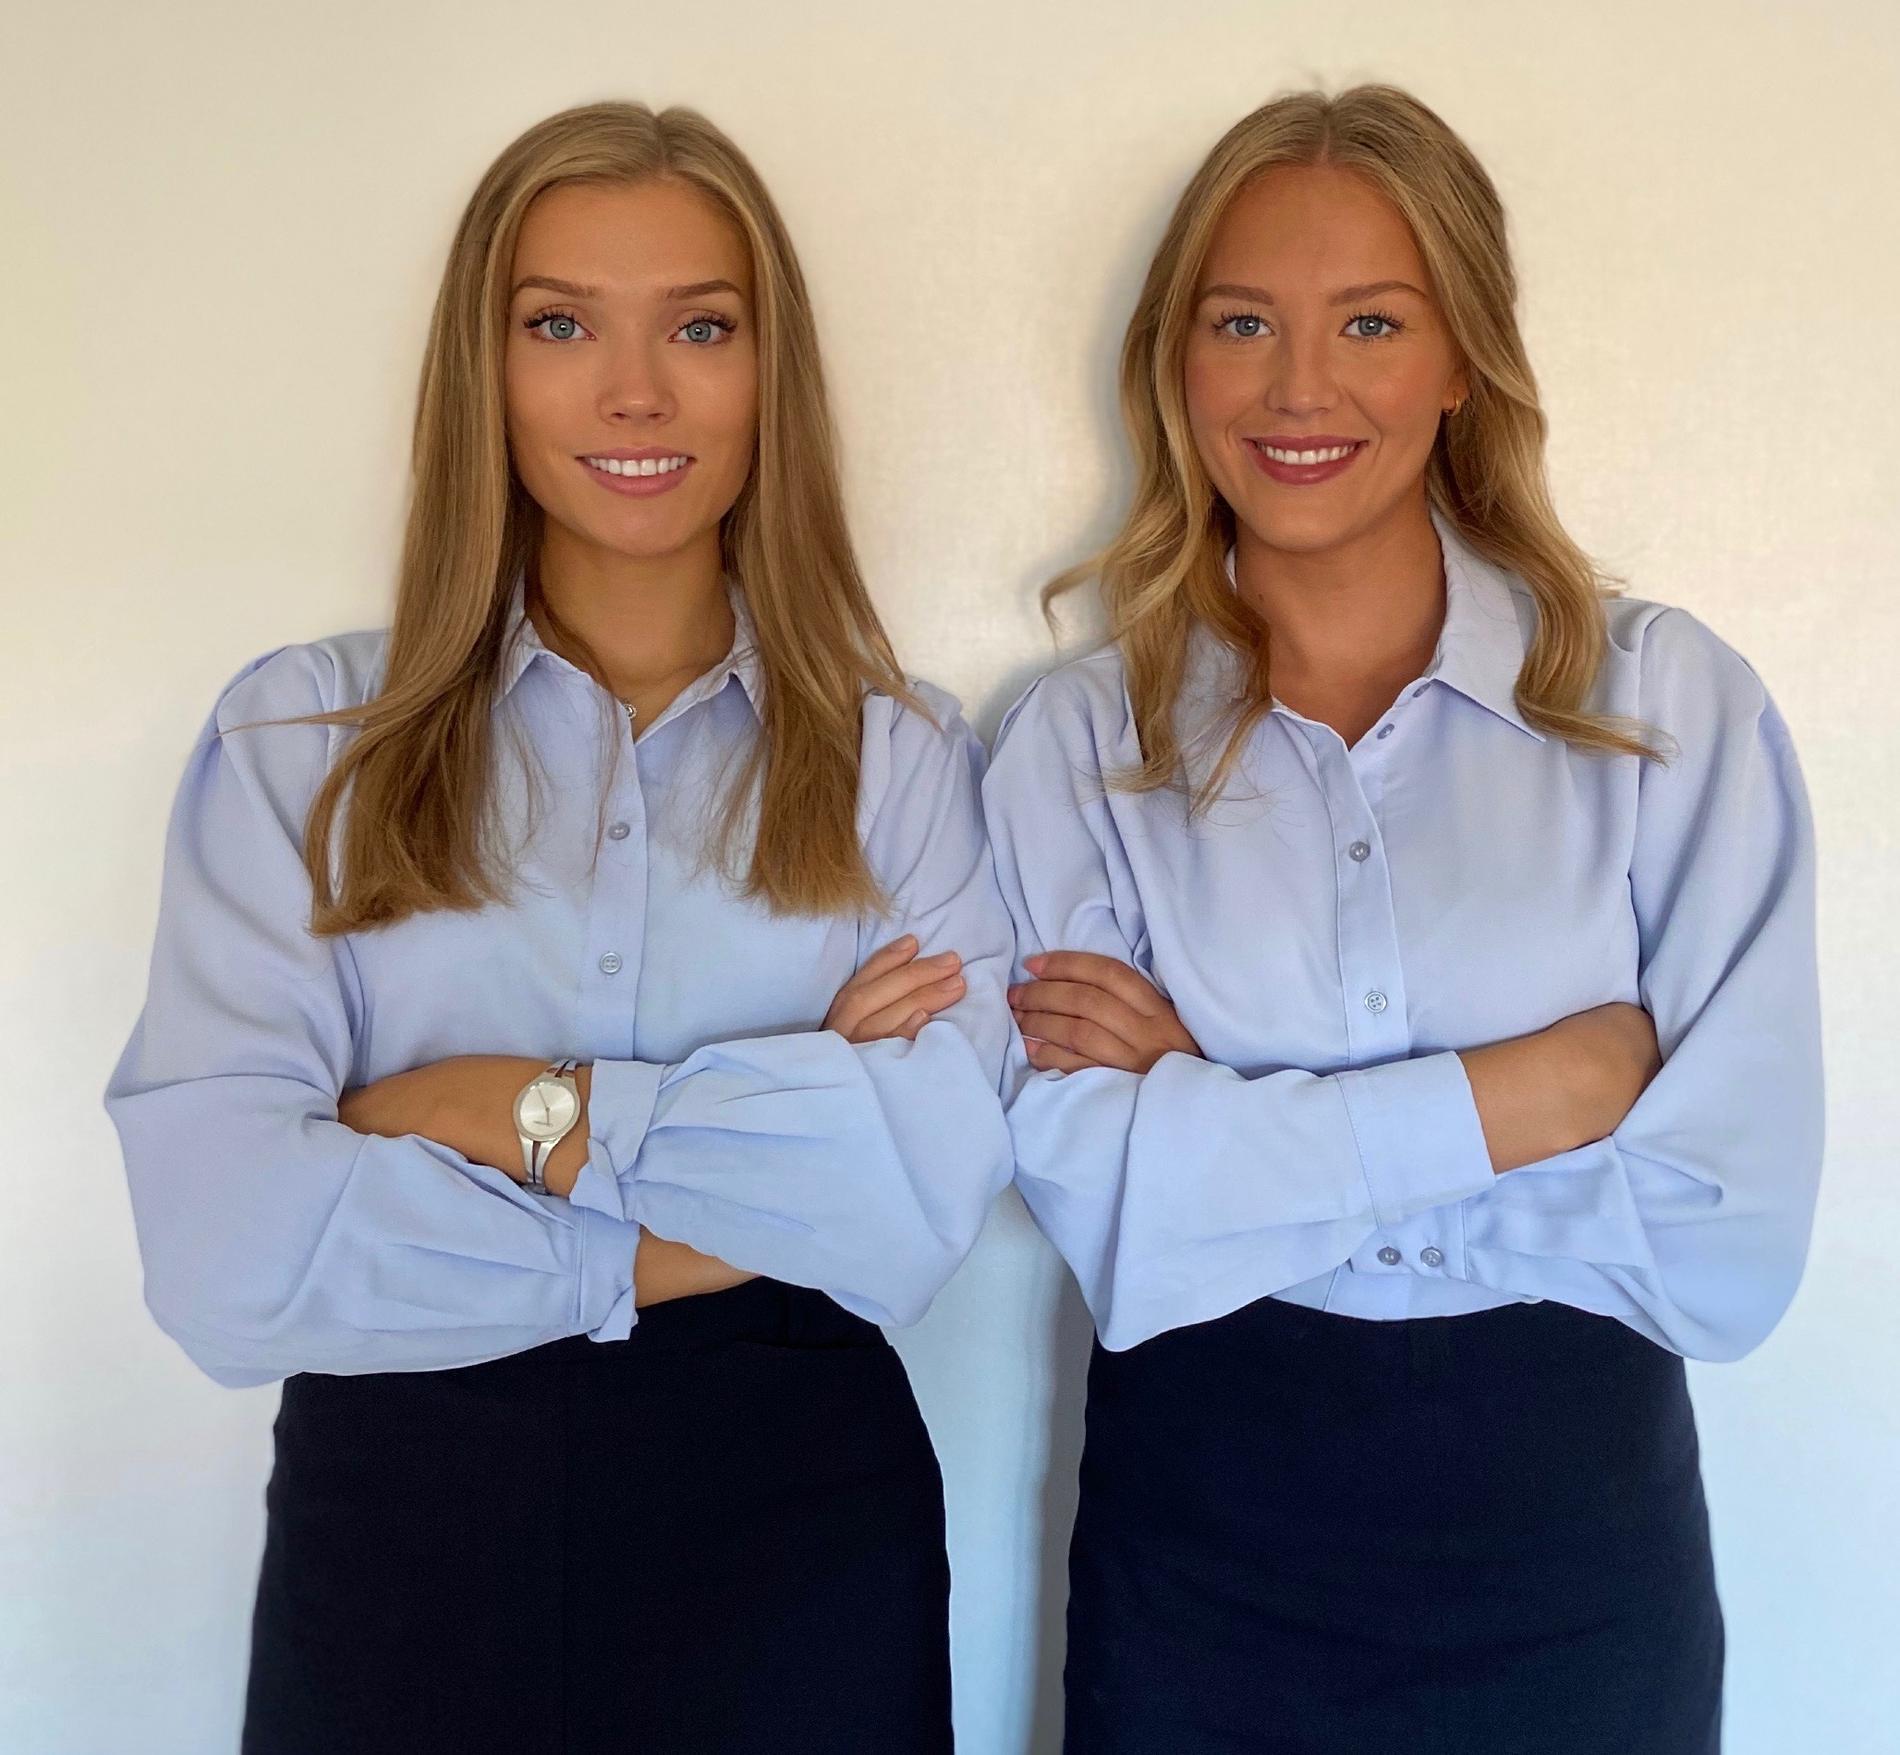 Lova Svensson, 21 och Amanda Mattsson, 21.